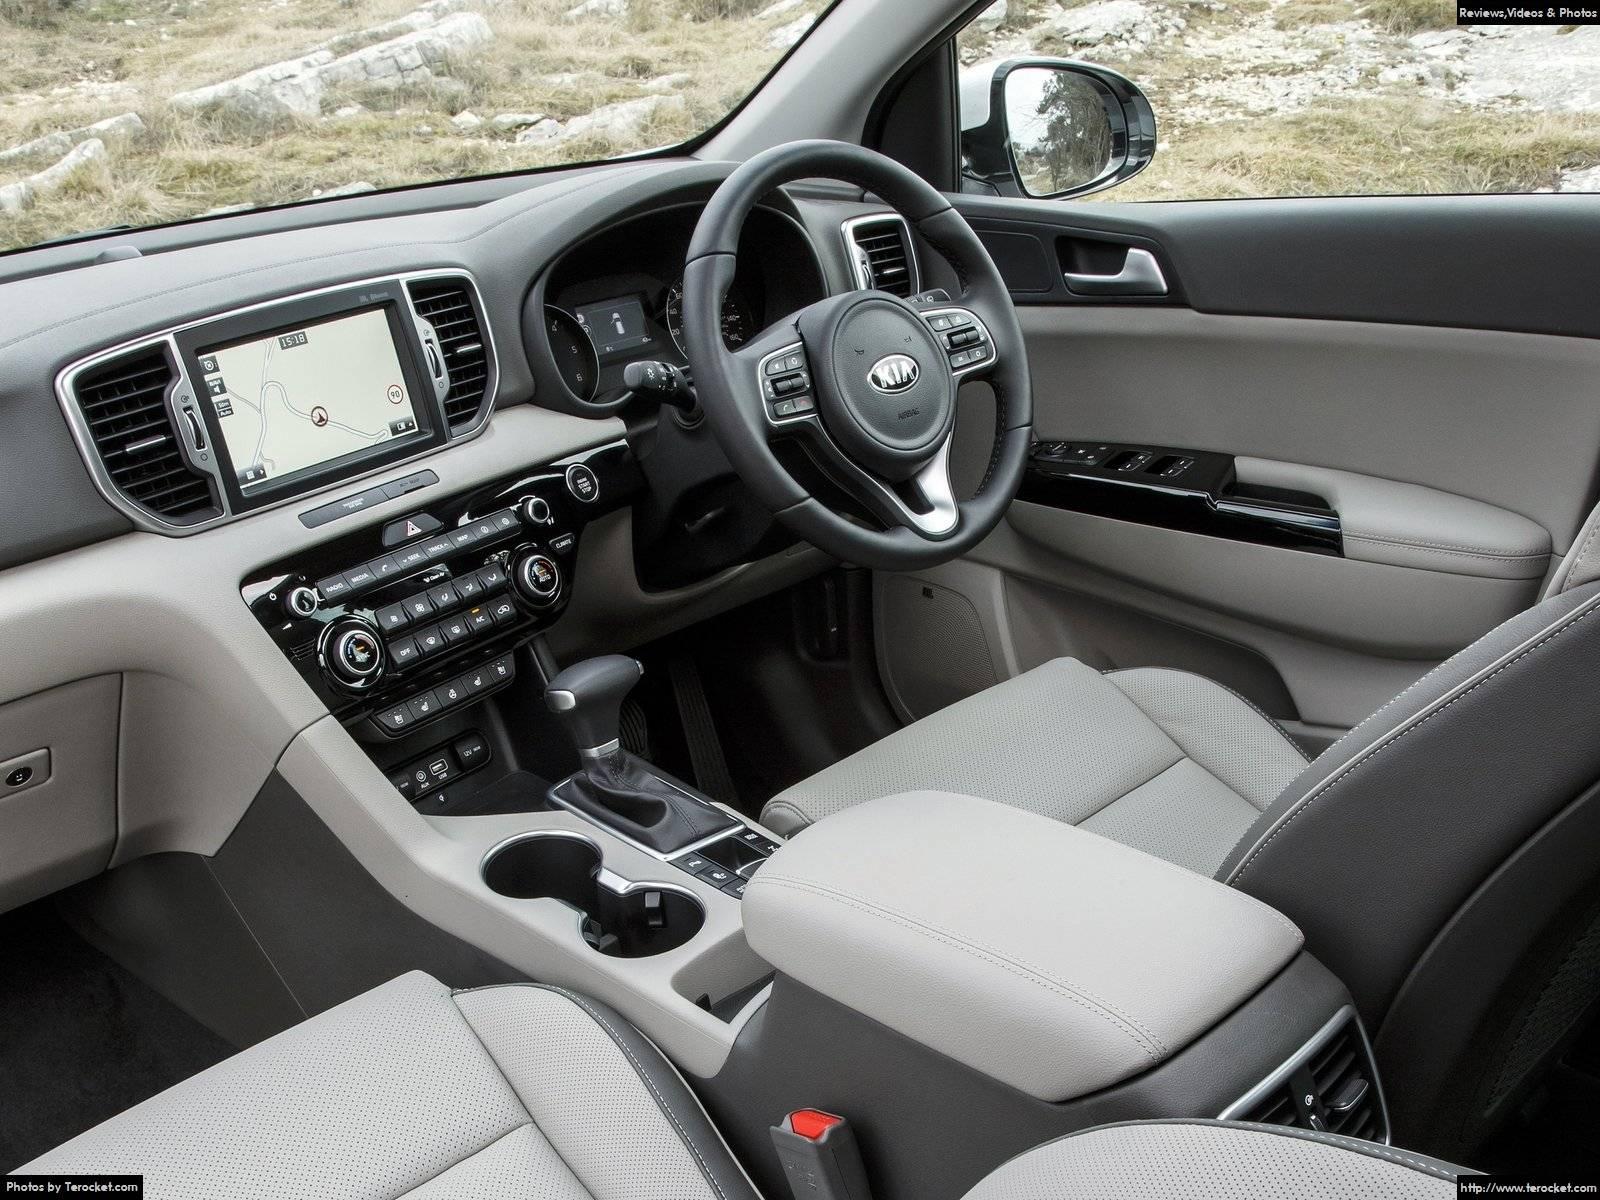 Hình ảnh xe ô tô Kia Sportage UK-Version 2016 & nội ngoại thất